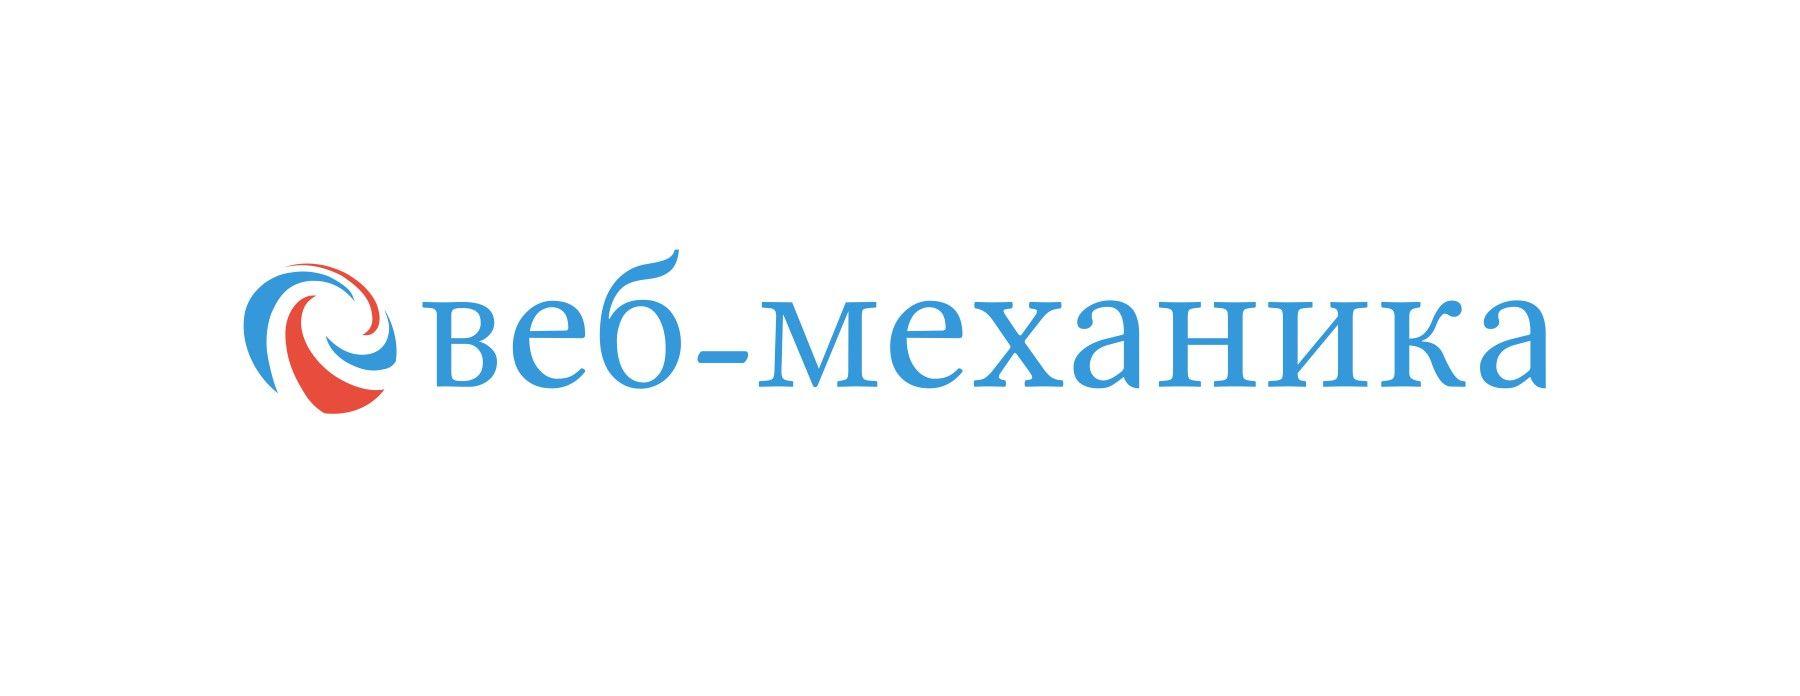 Логотип для студии - дизайнер Yatush